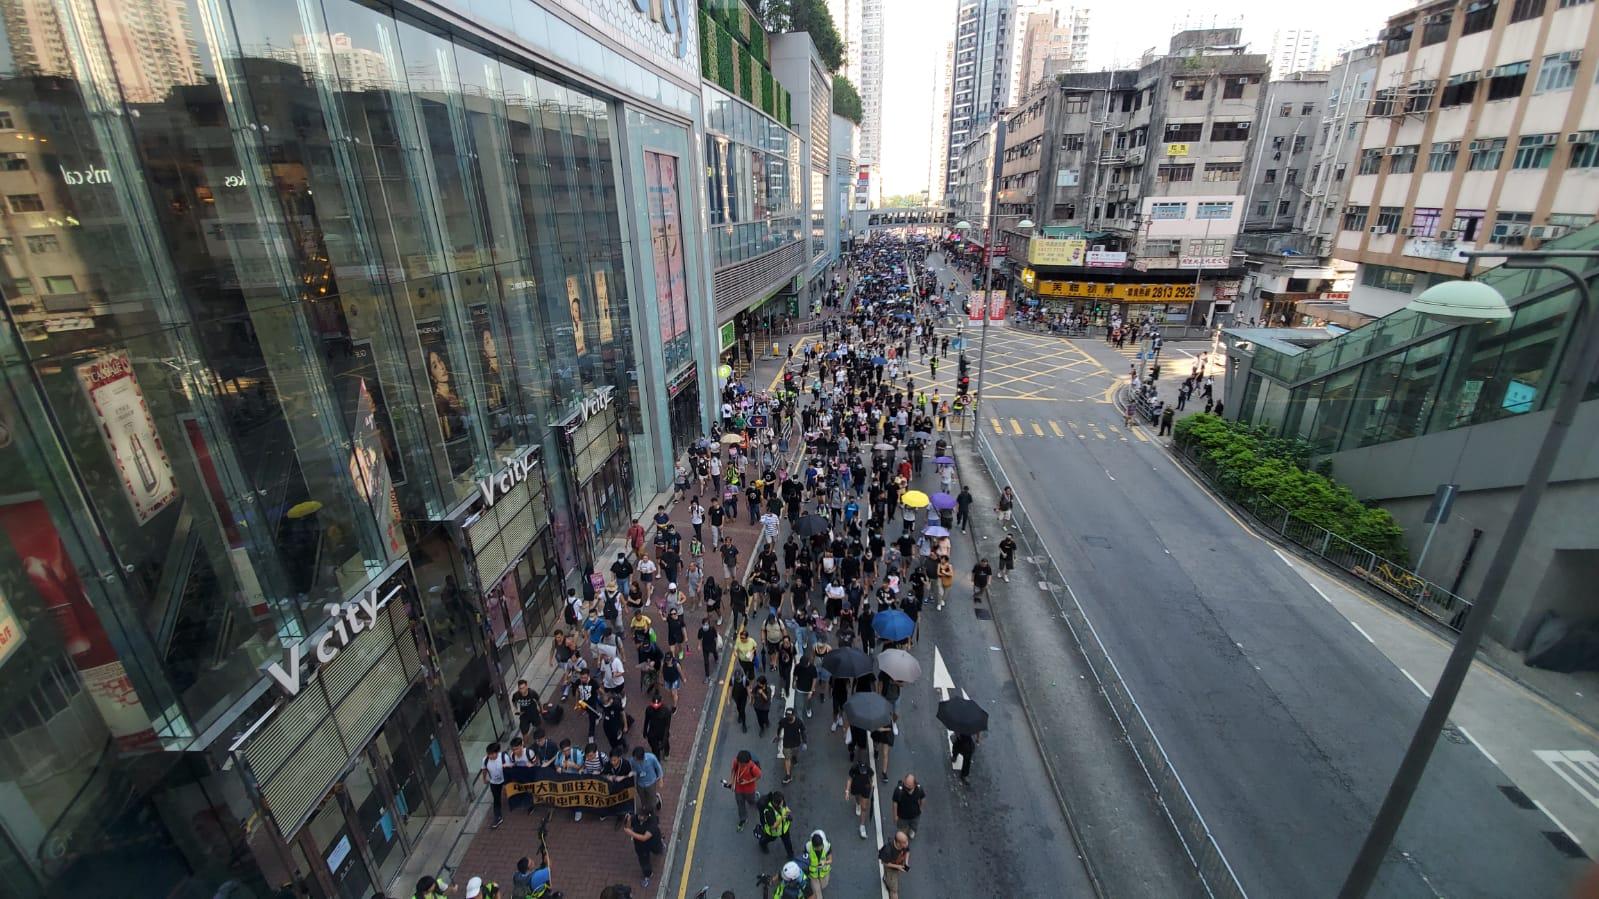 大批人士走出馬路